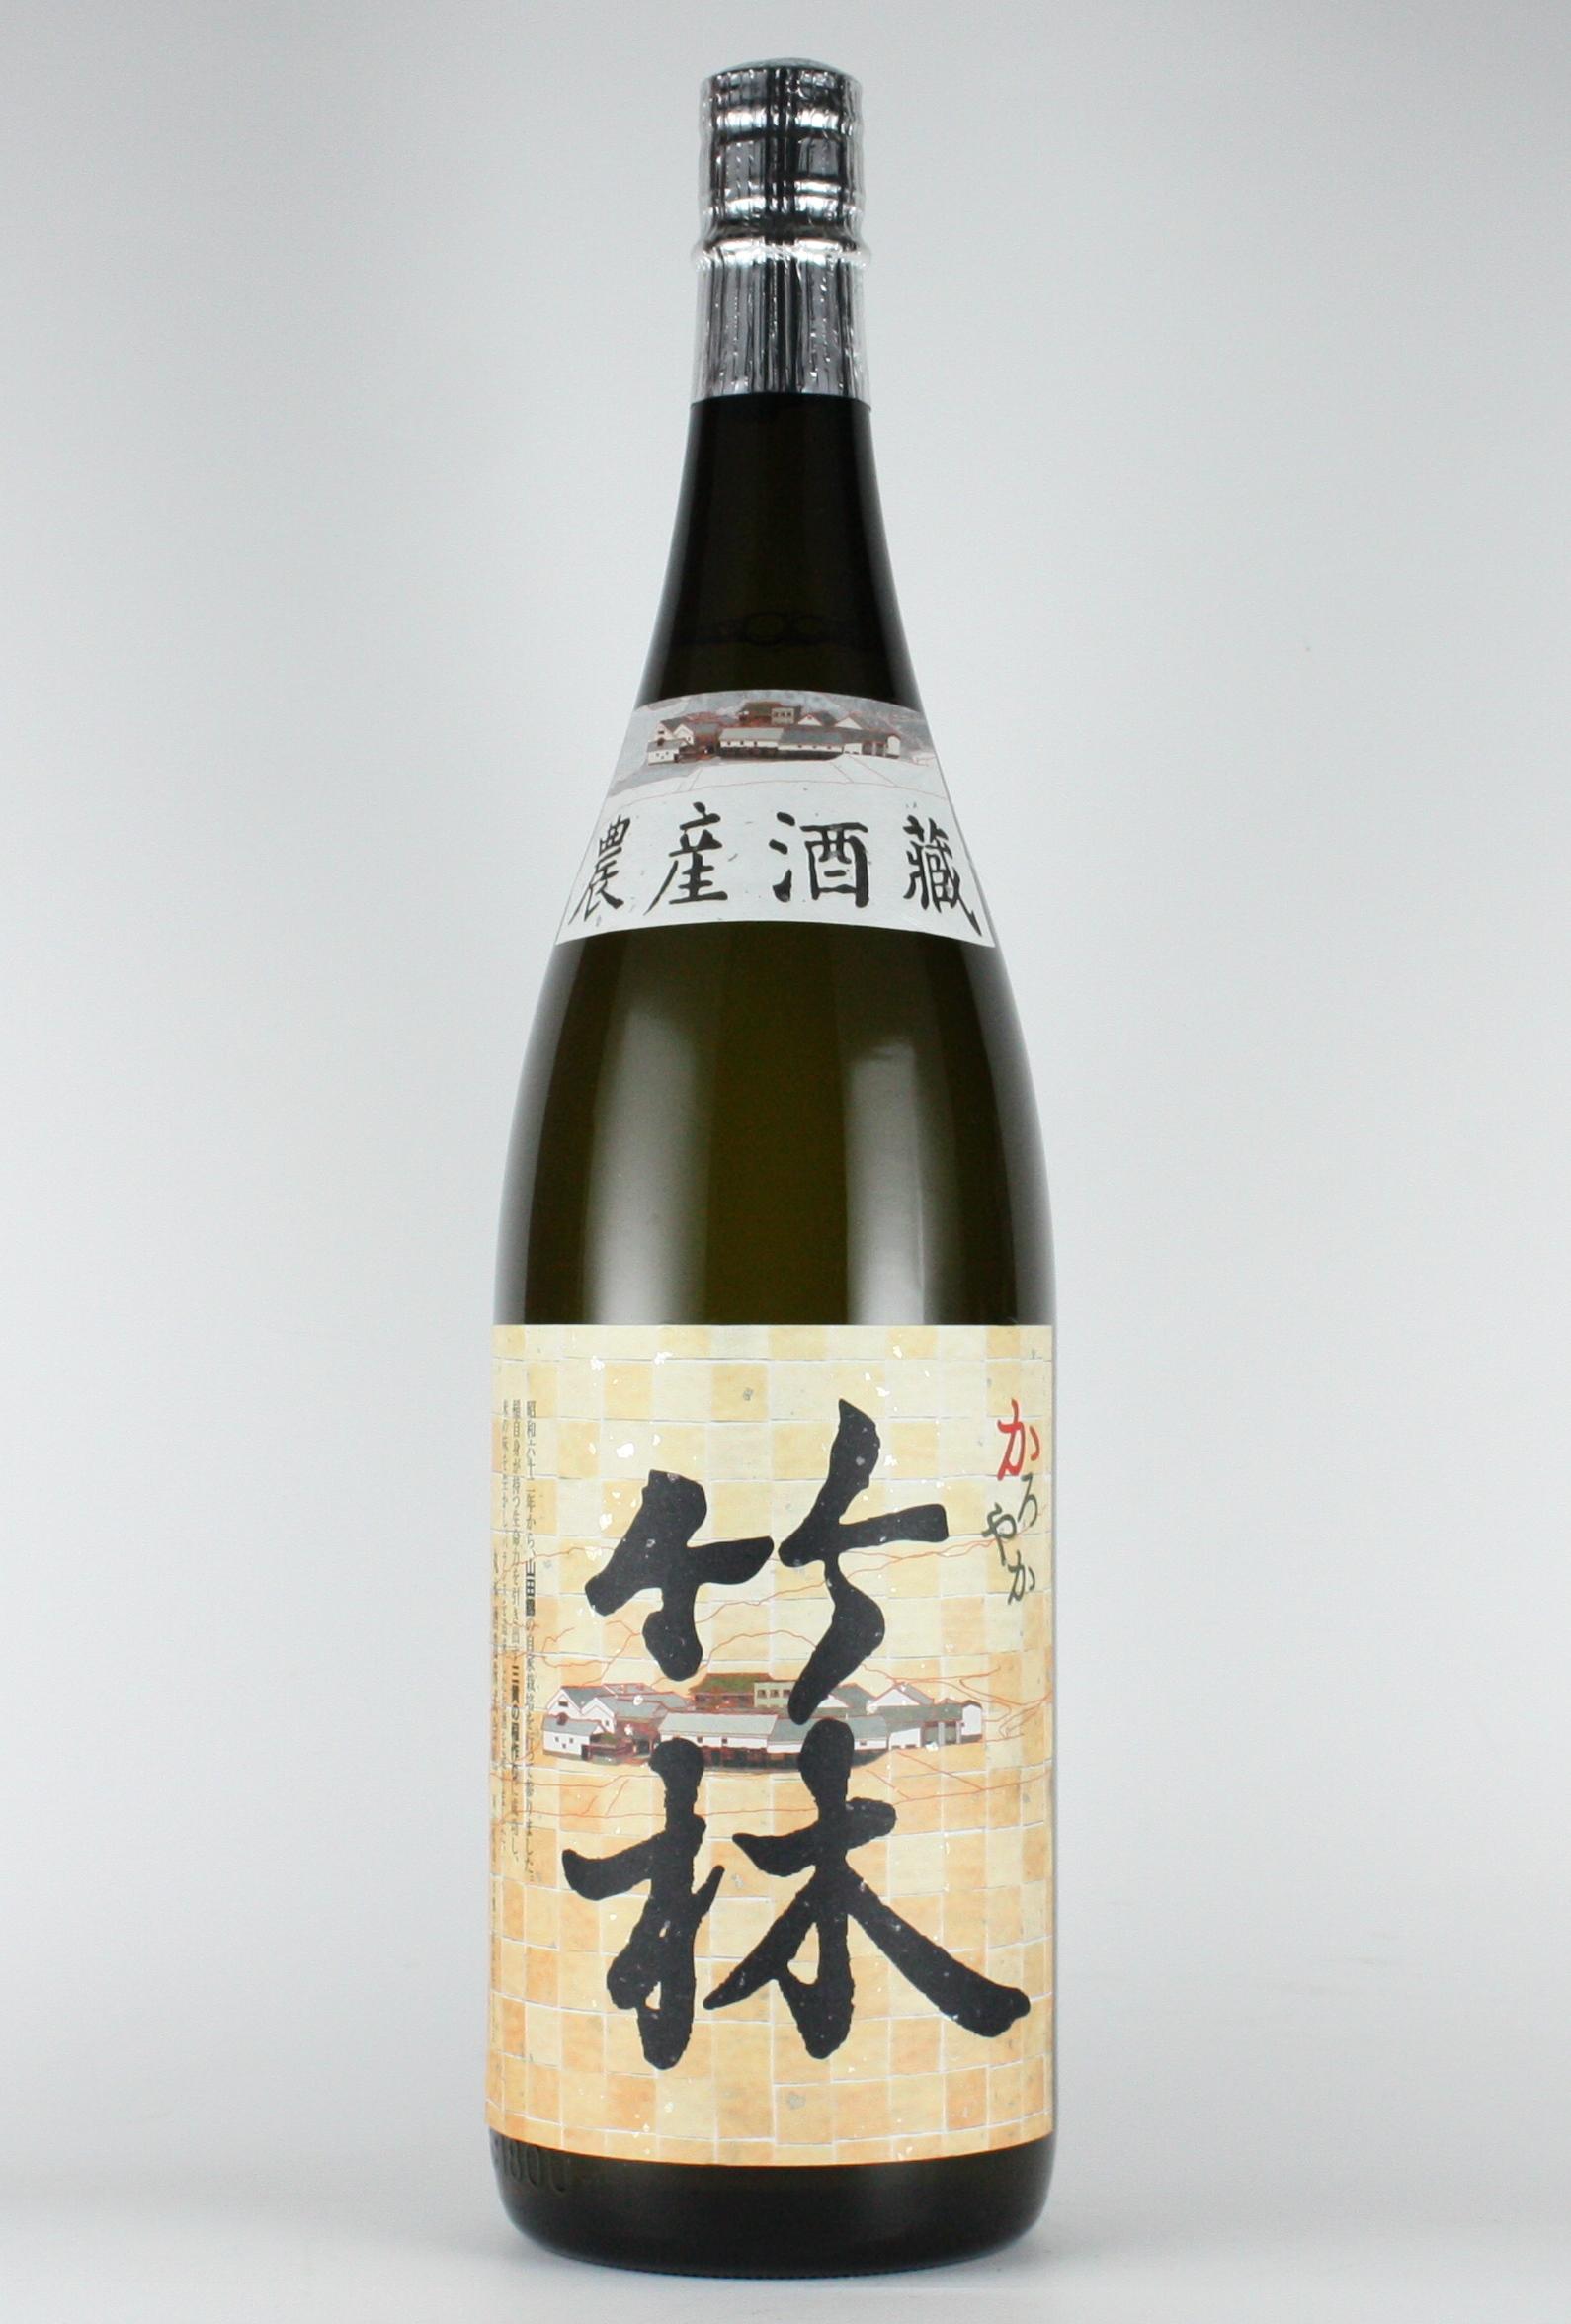 竹林 かろやか 純米大吟醸 山田錦 1800ml  【岡山/丸本酒造】